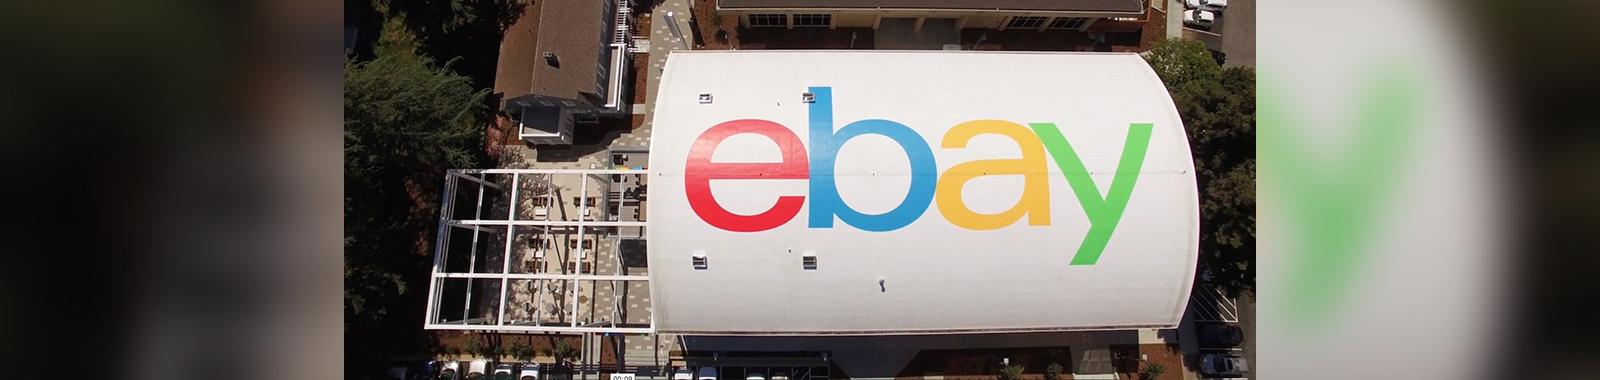 ebay-1-eye